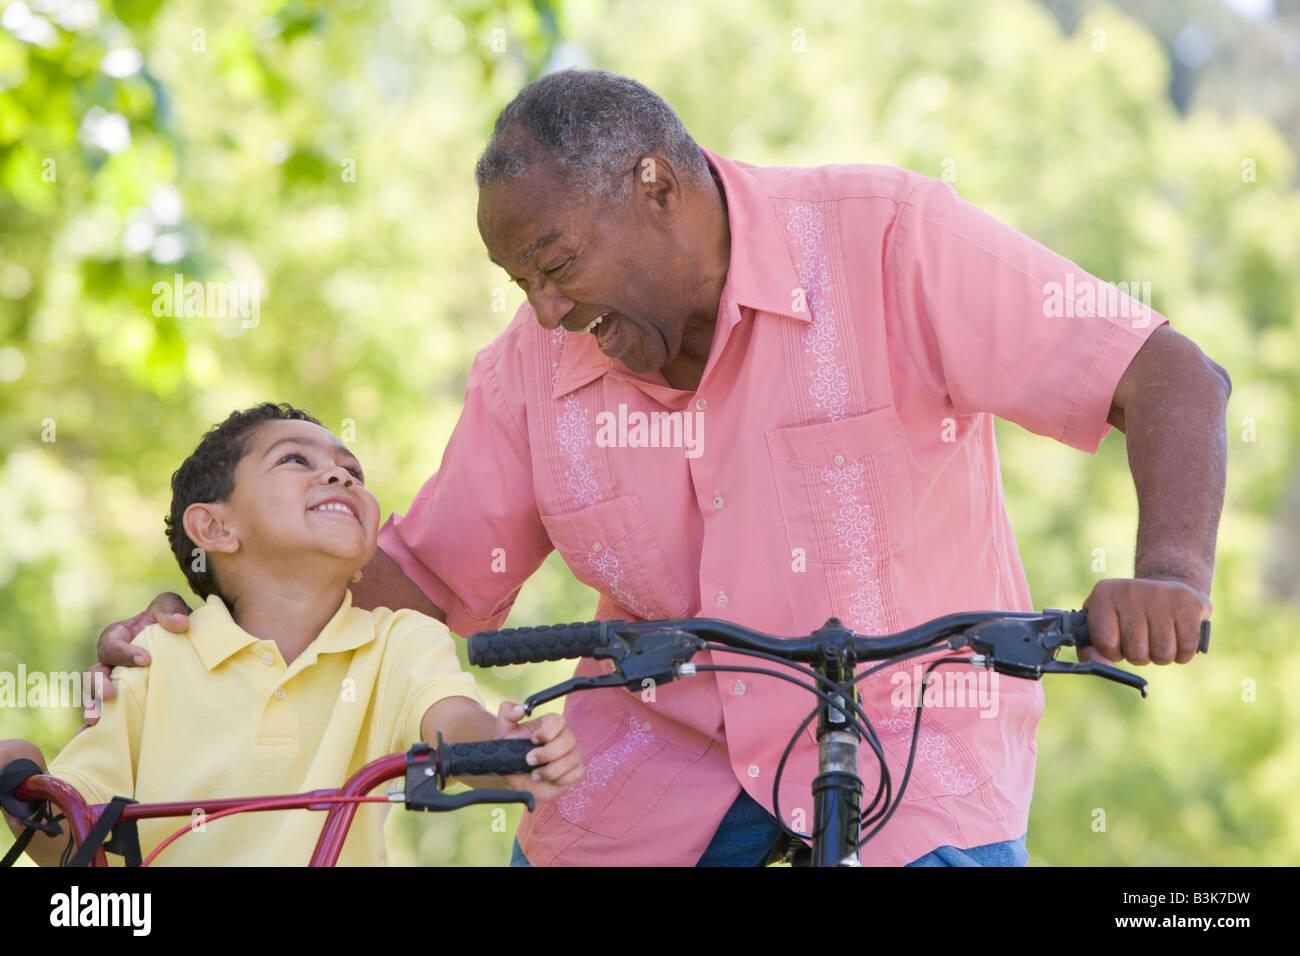 Abuelo y nieto en bicicletas afuera sonriendo Imagen De Stock